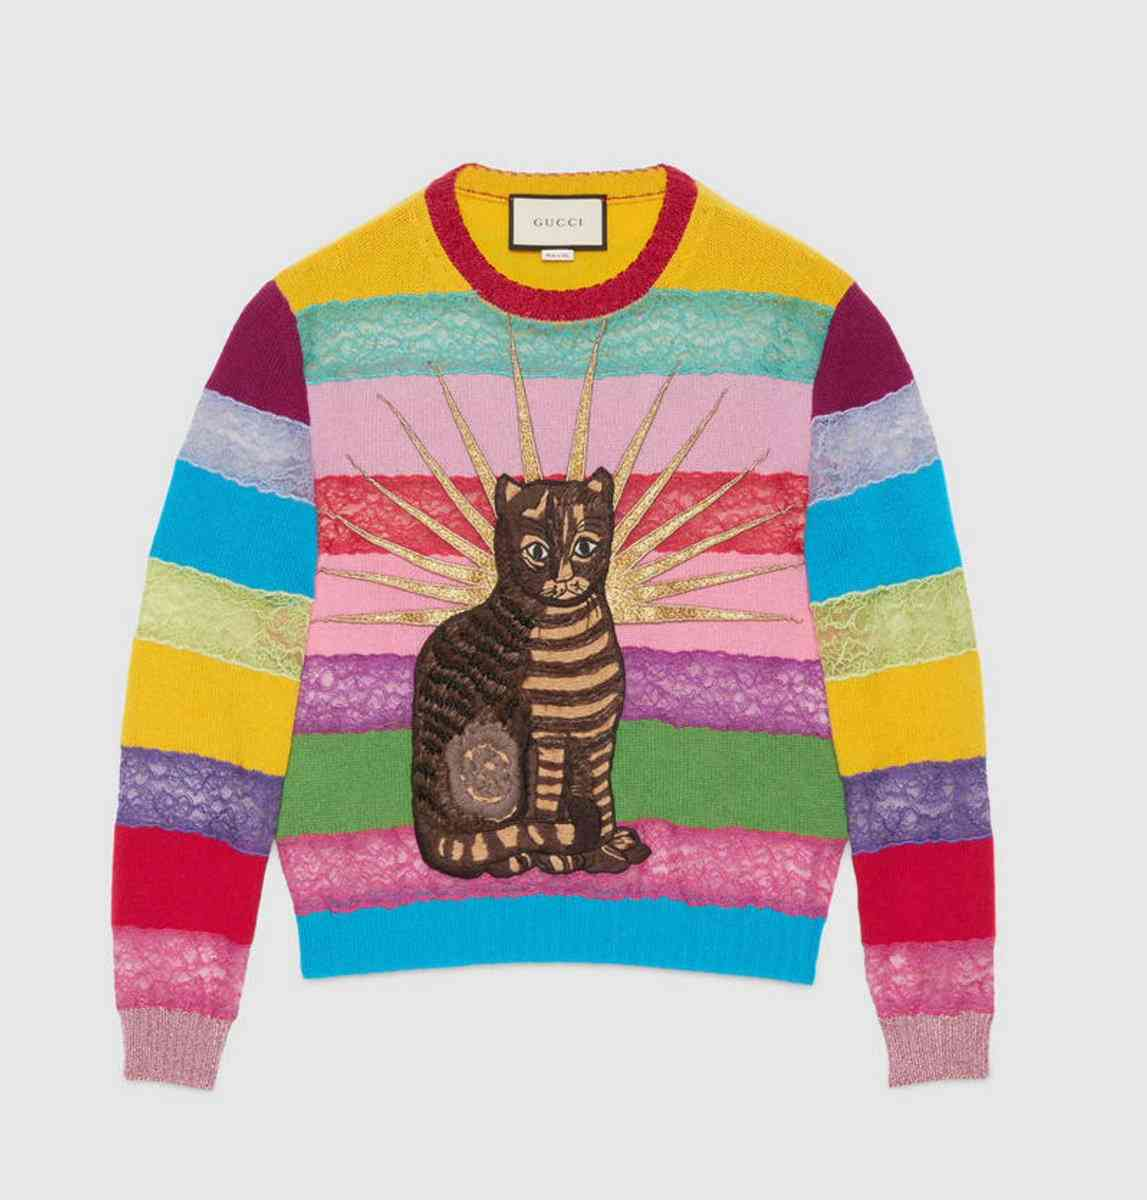 新品の服、売れずに廃棄「年10億点」 人気ブランドも